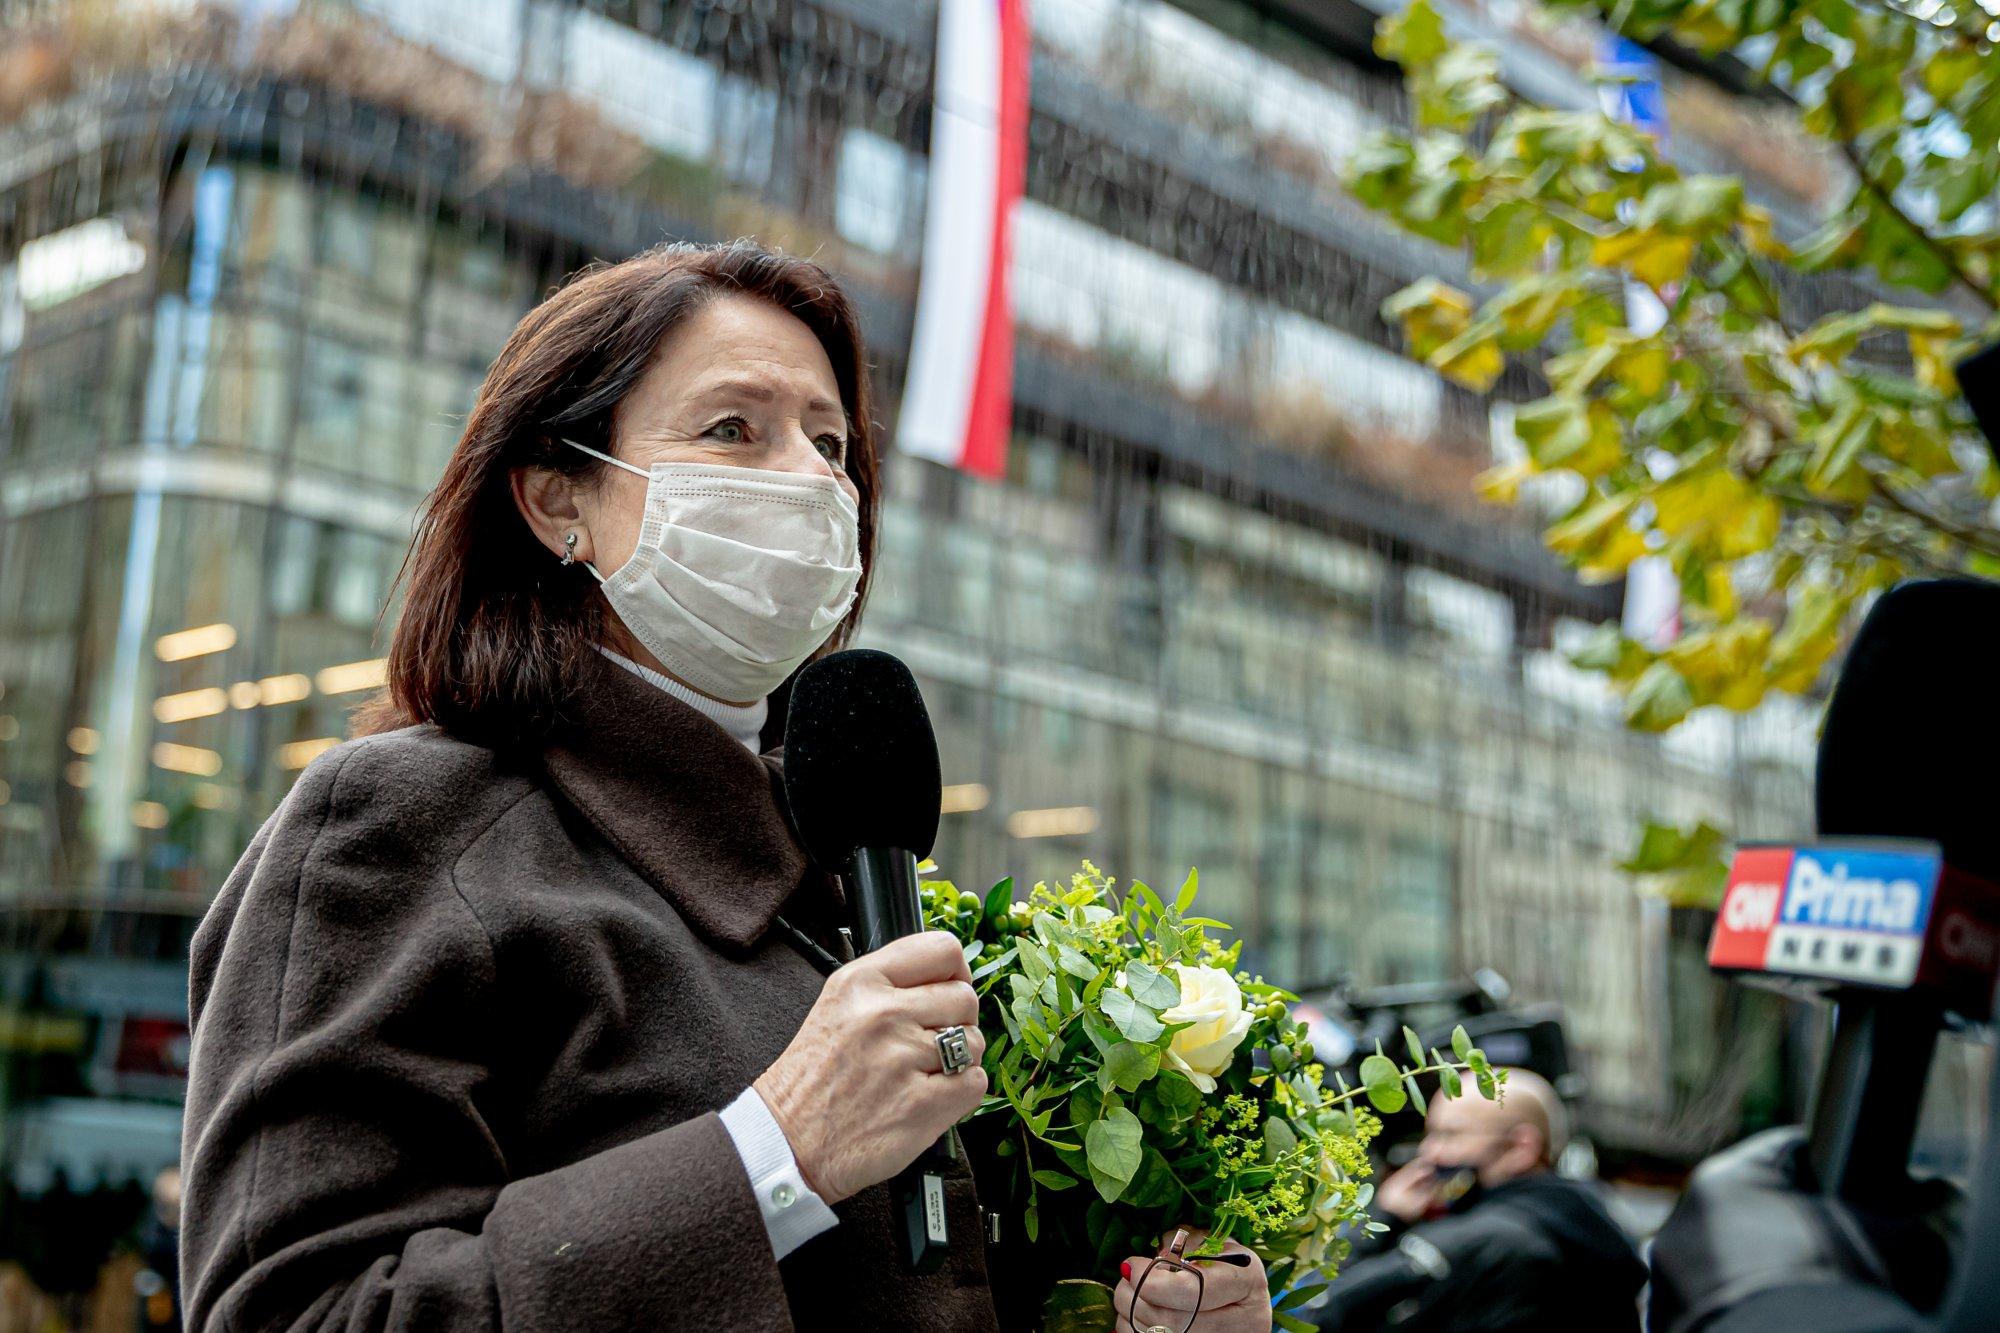 Prezident velezrazuje, premiér podvádí, Bečva je mrtvá a čínský vir k tomu